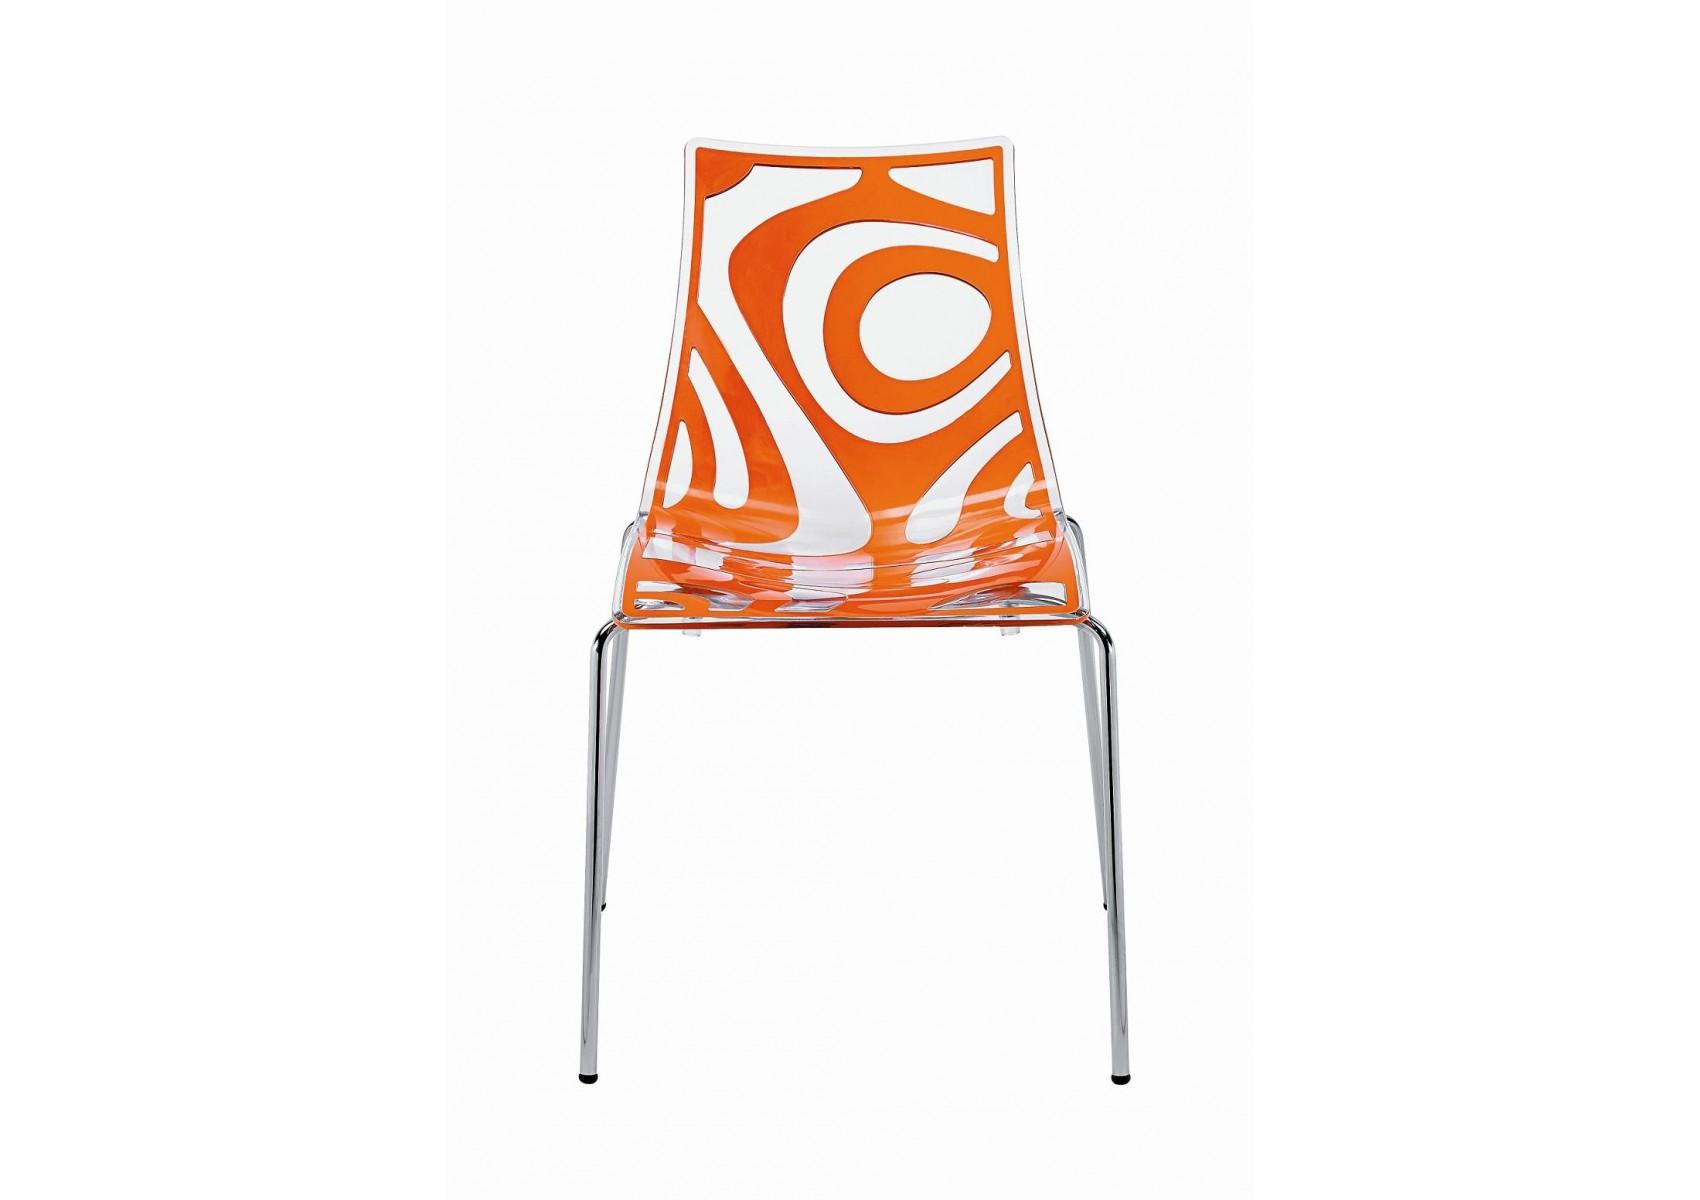 Chaise design WAVE par Scab design Boite à design